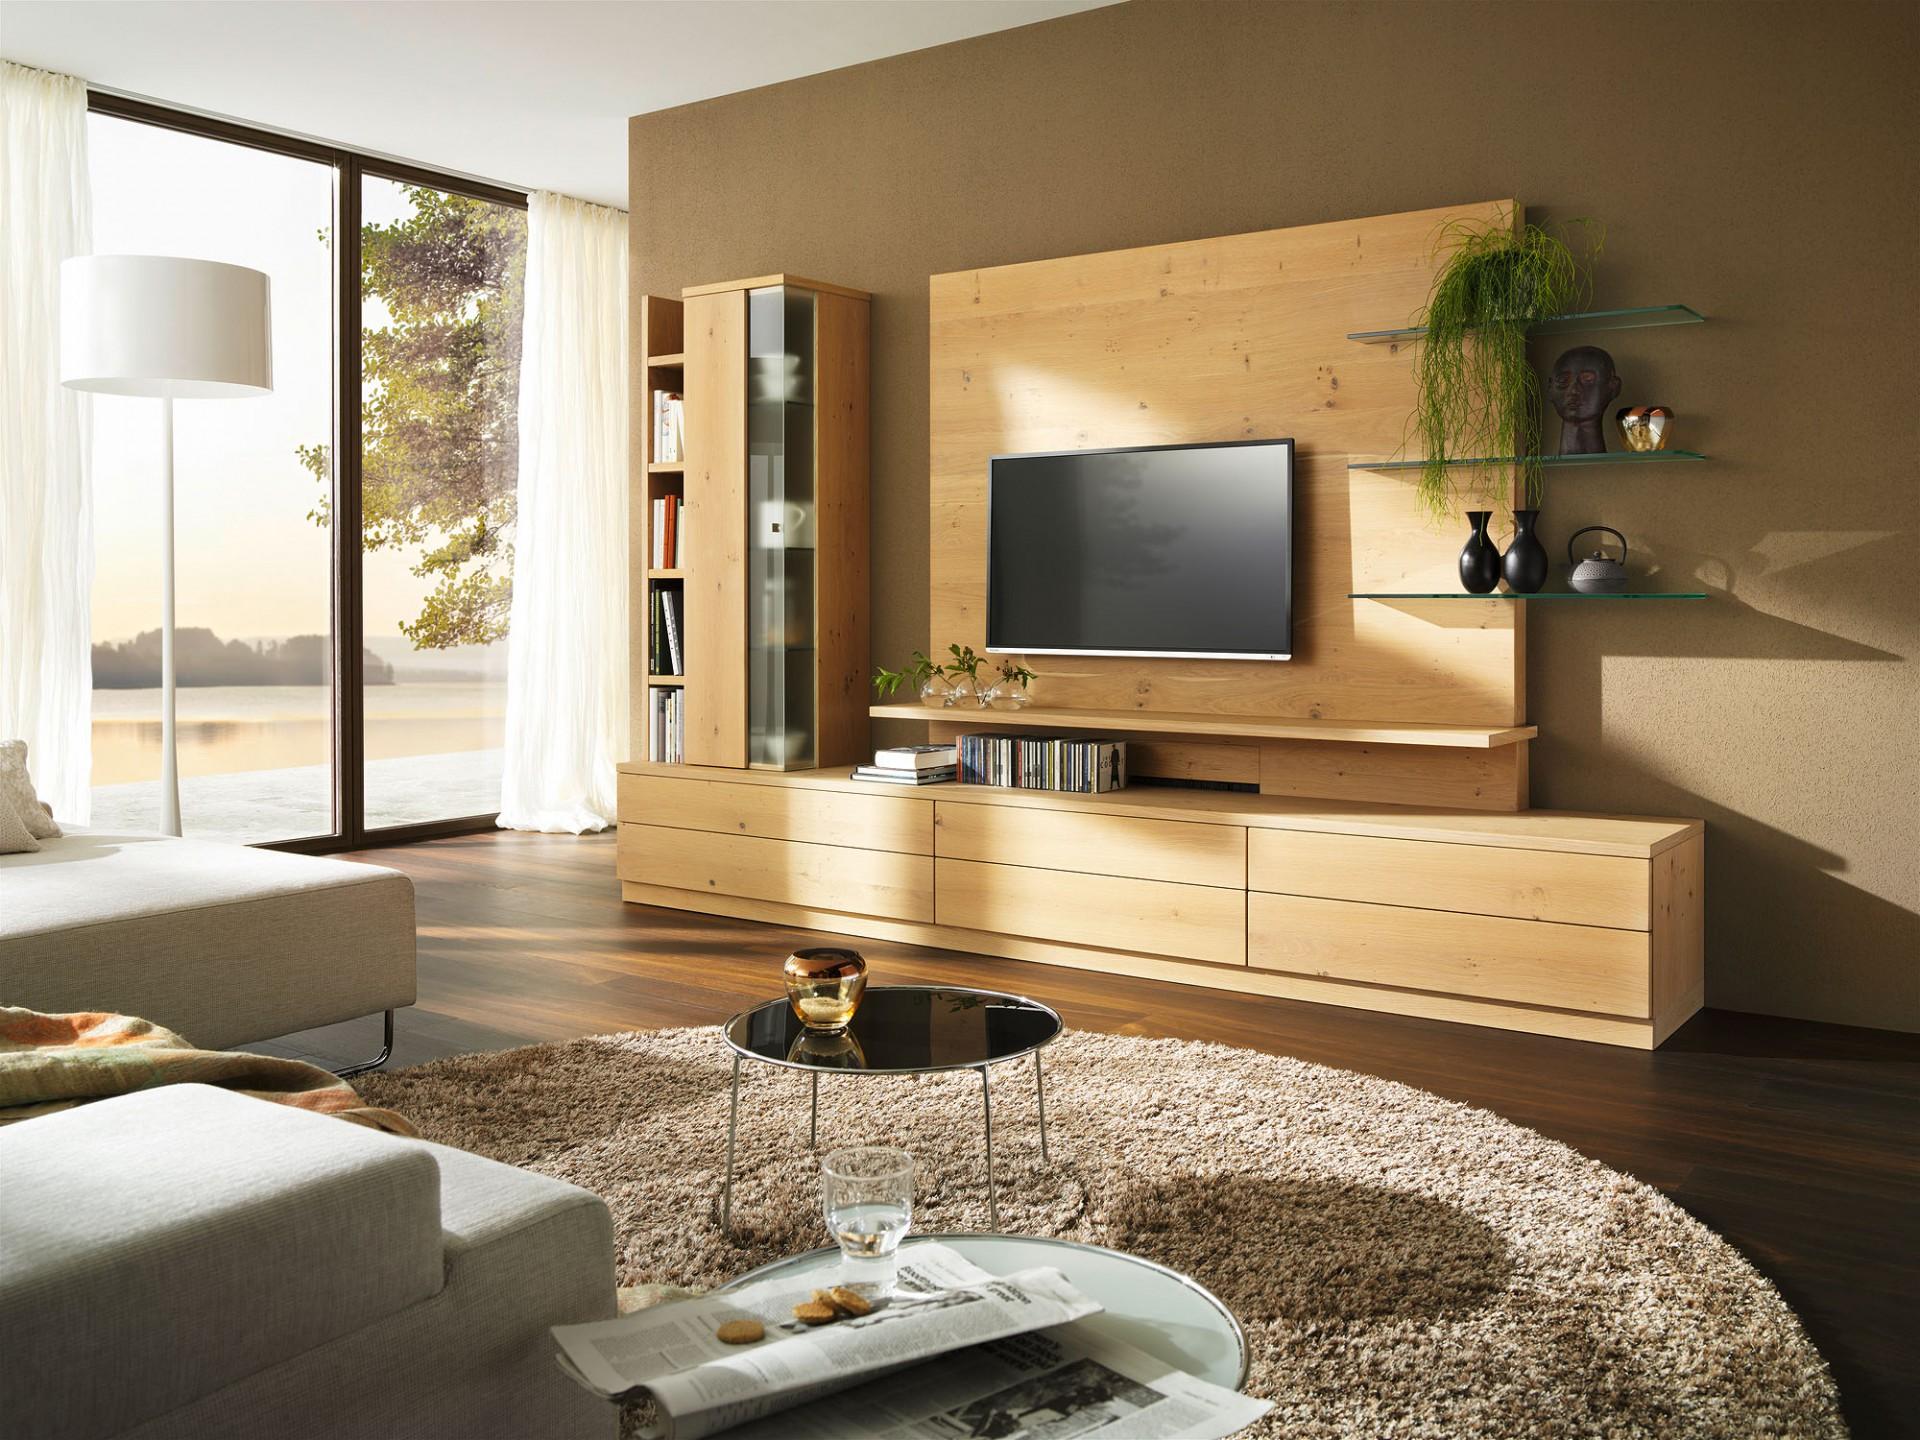 Tischler Wohnzimmer Wohnzimmer Mobel Kaufen Nahe Amstetten